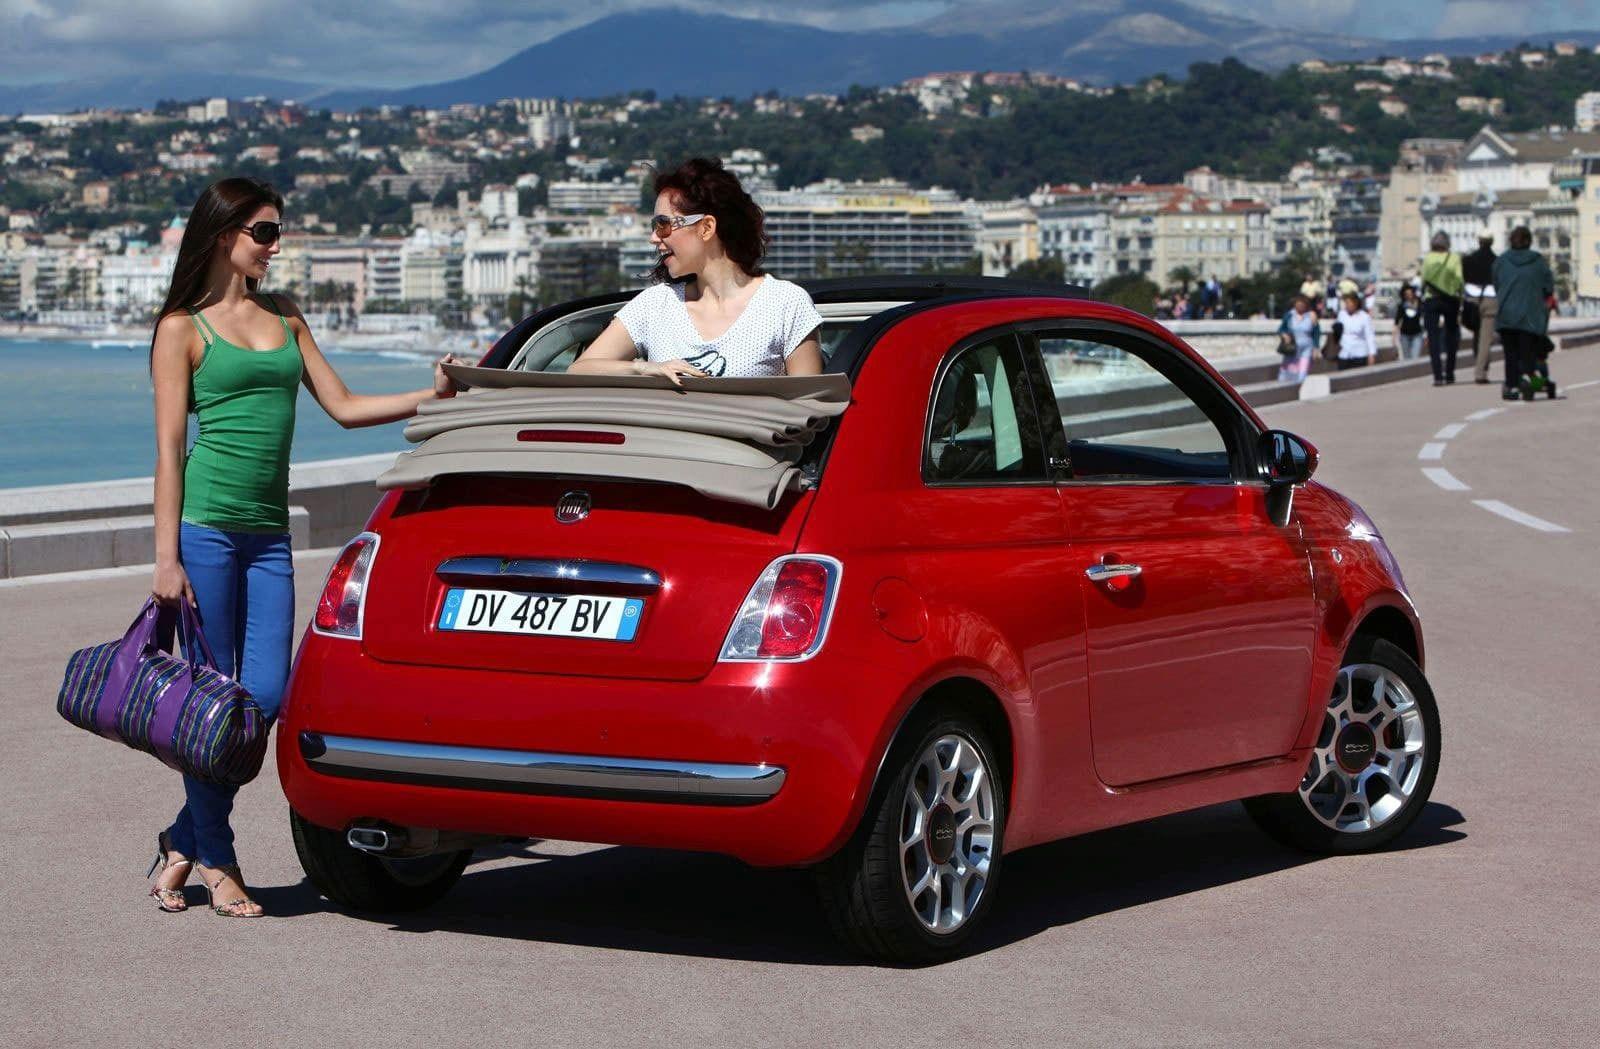 Pin By Chris Vu On Fiat 500c Fiat 500c Fiat 500 New Fiat